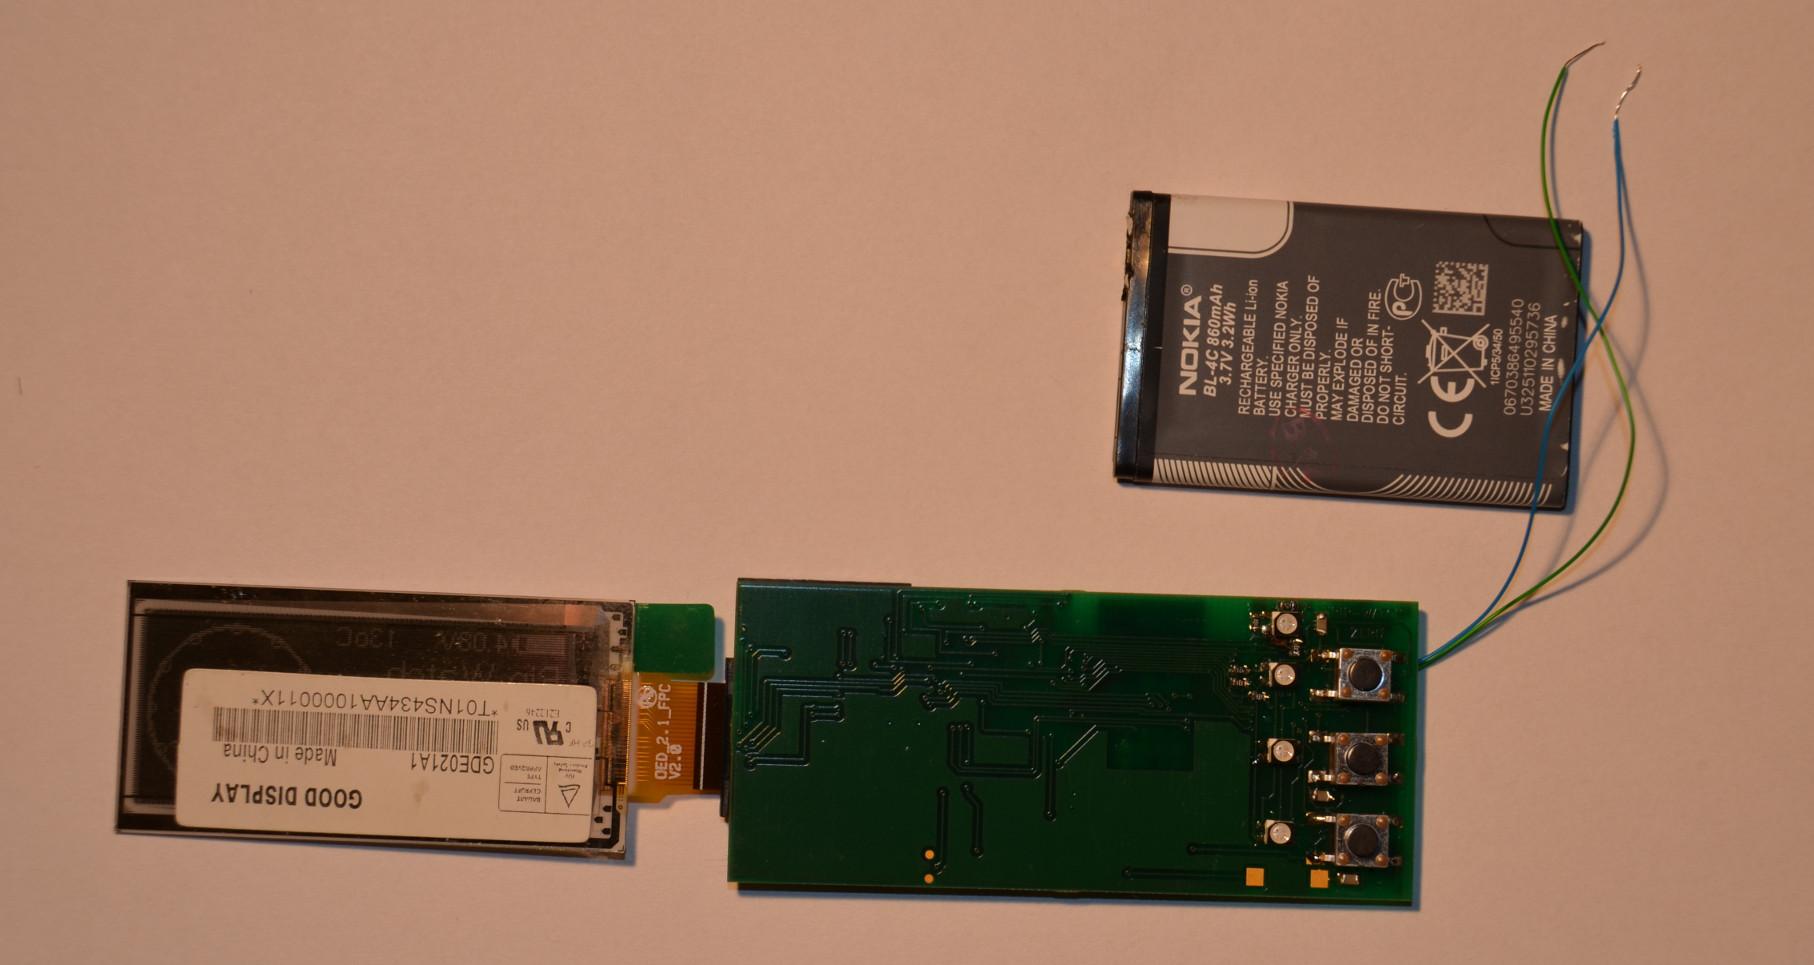 PIP-Watch Zero: Top PCB side, unfolded.